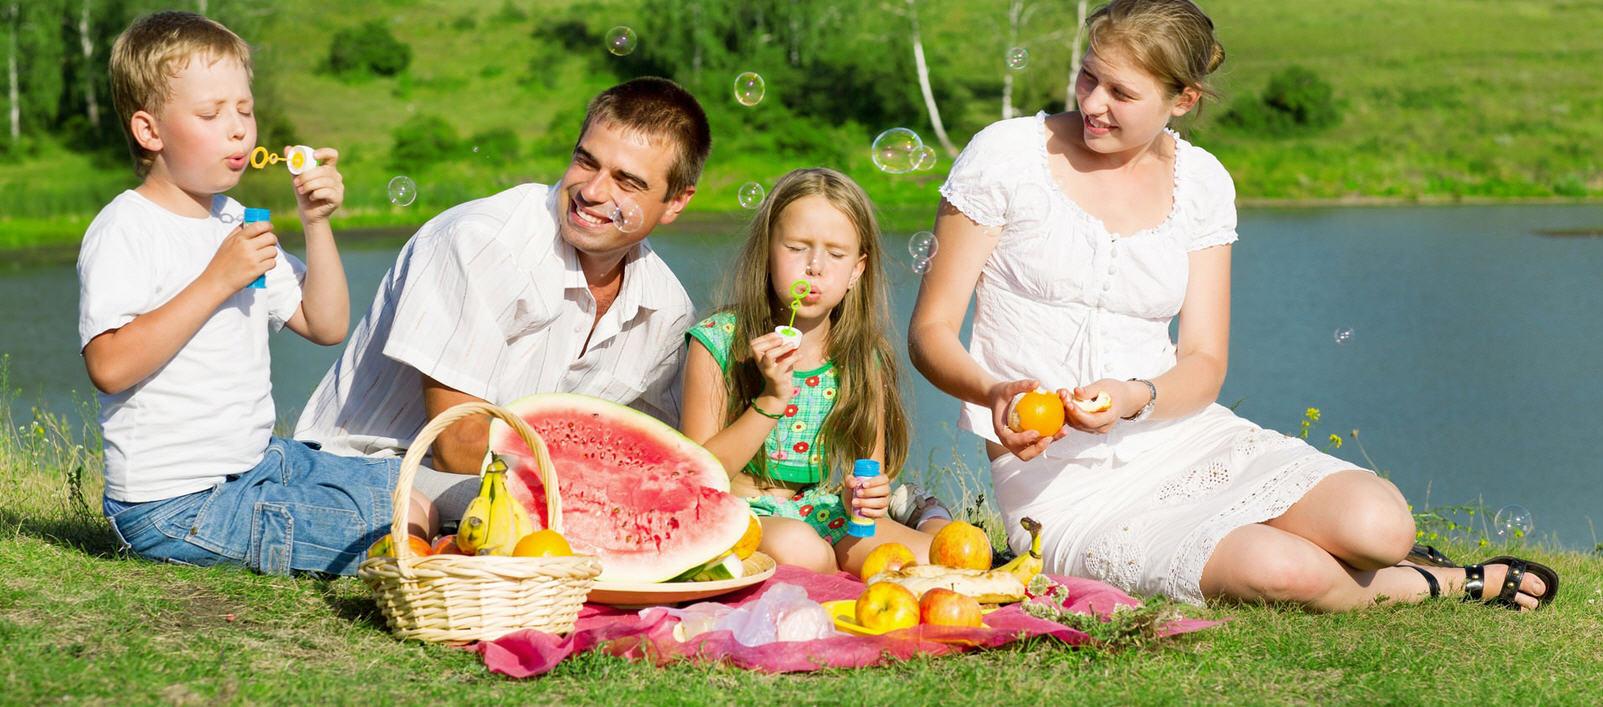 Отдых для всей семьи, как организовать его правильно